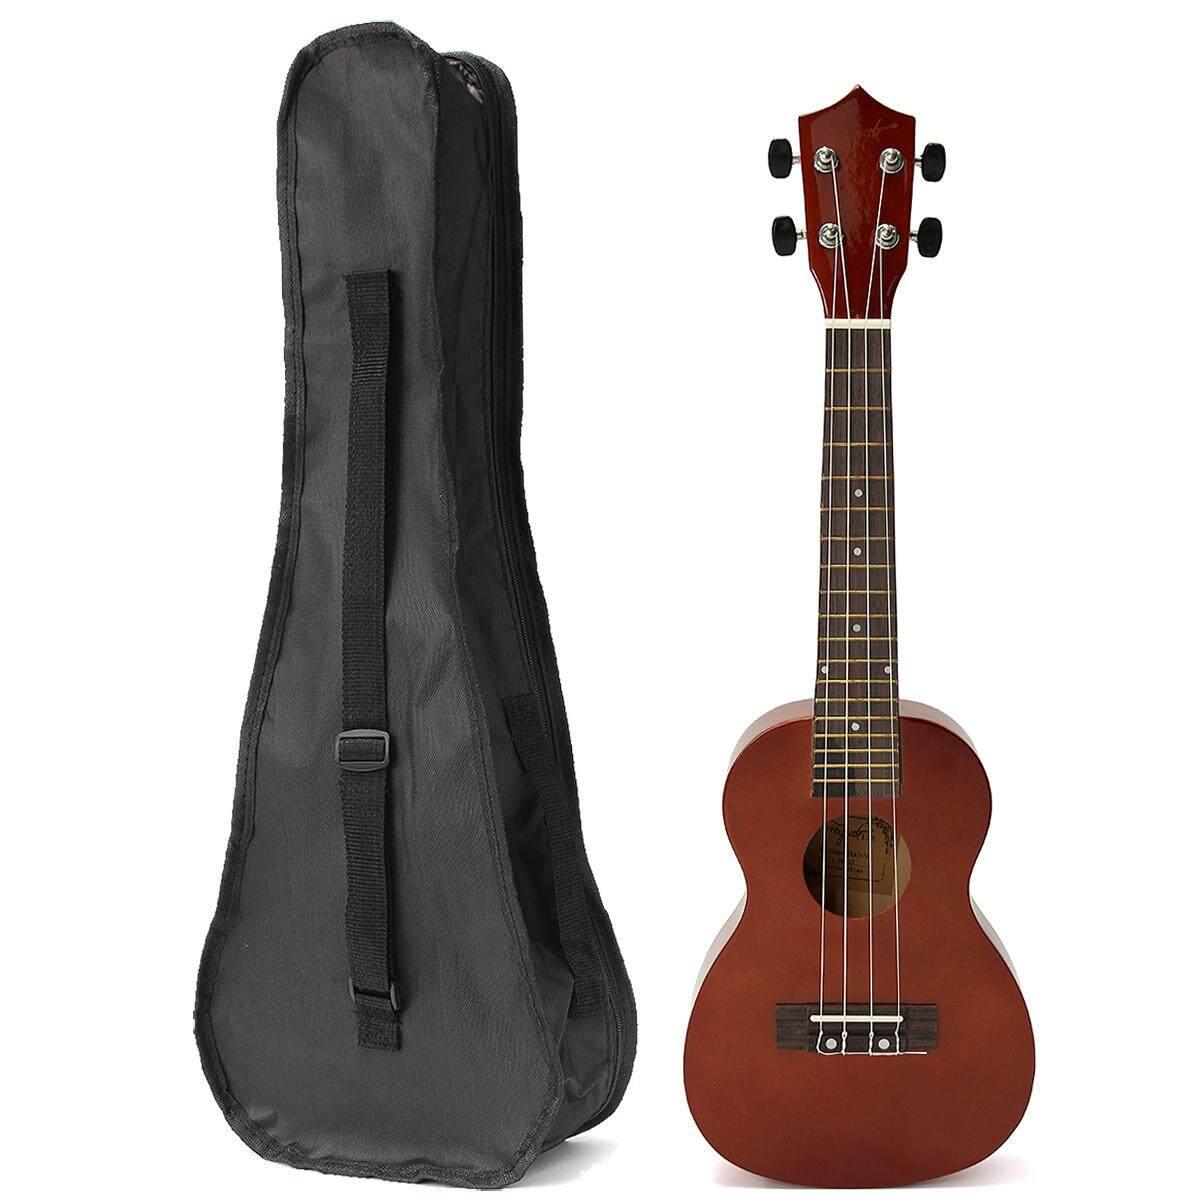 23 Inch Đàn Ukulele Uke Buổi Hòa Nhạc Guitar Gỗ Hồng Sắc Nhiều Màu Sắc Hawaii Âm Có Túi Đựng